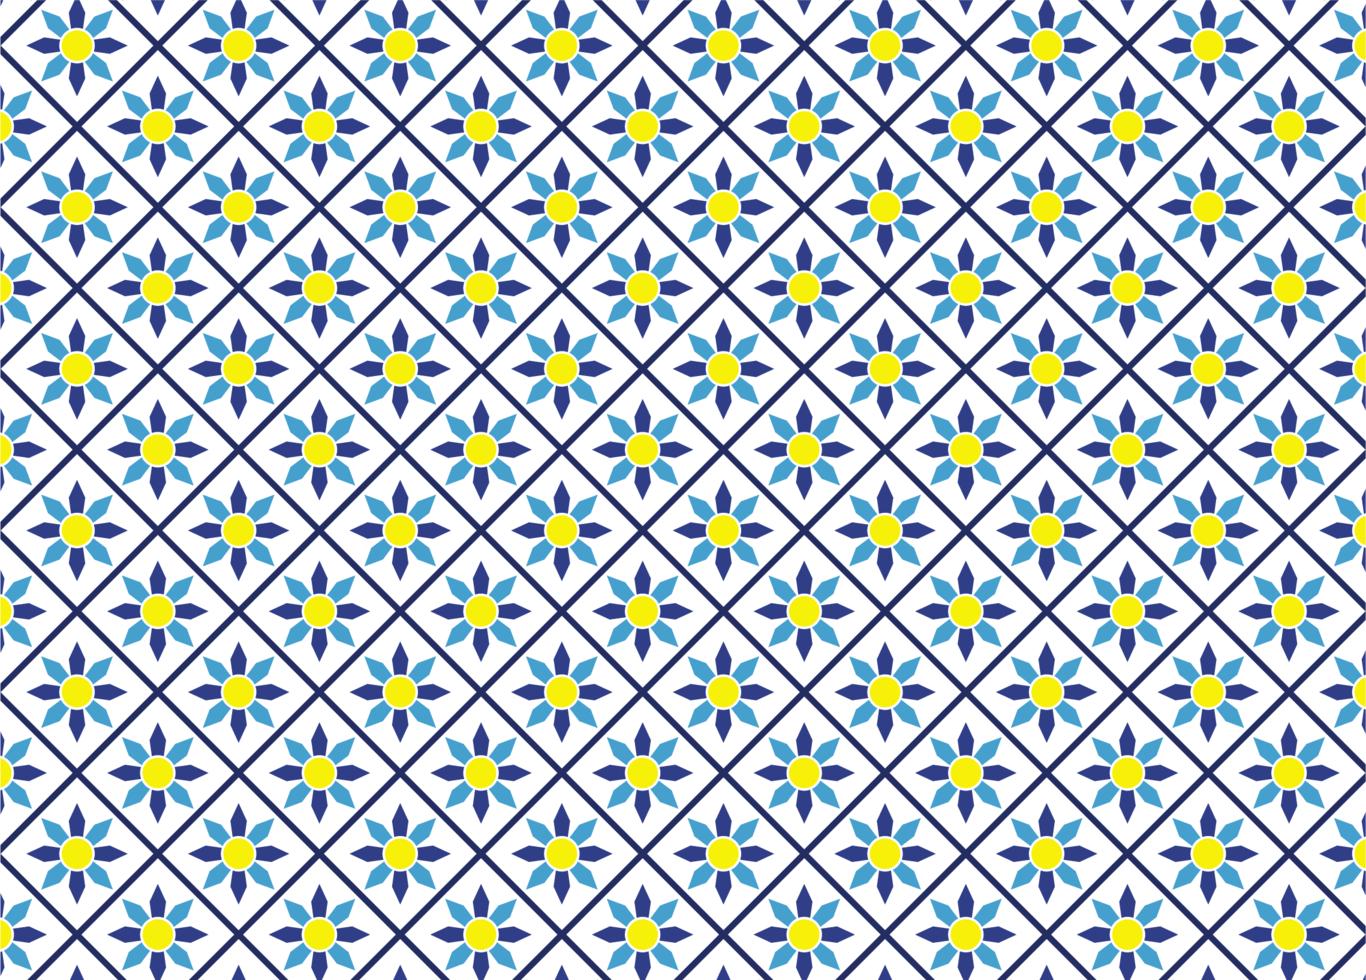 blaues und gelbes Blumenfliesenmuster vektor